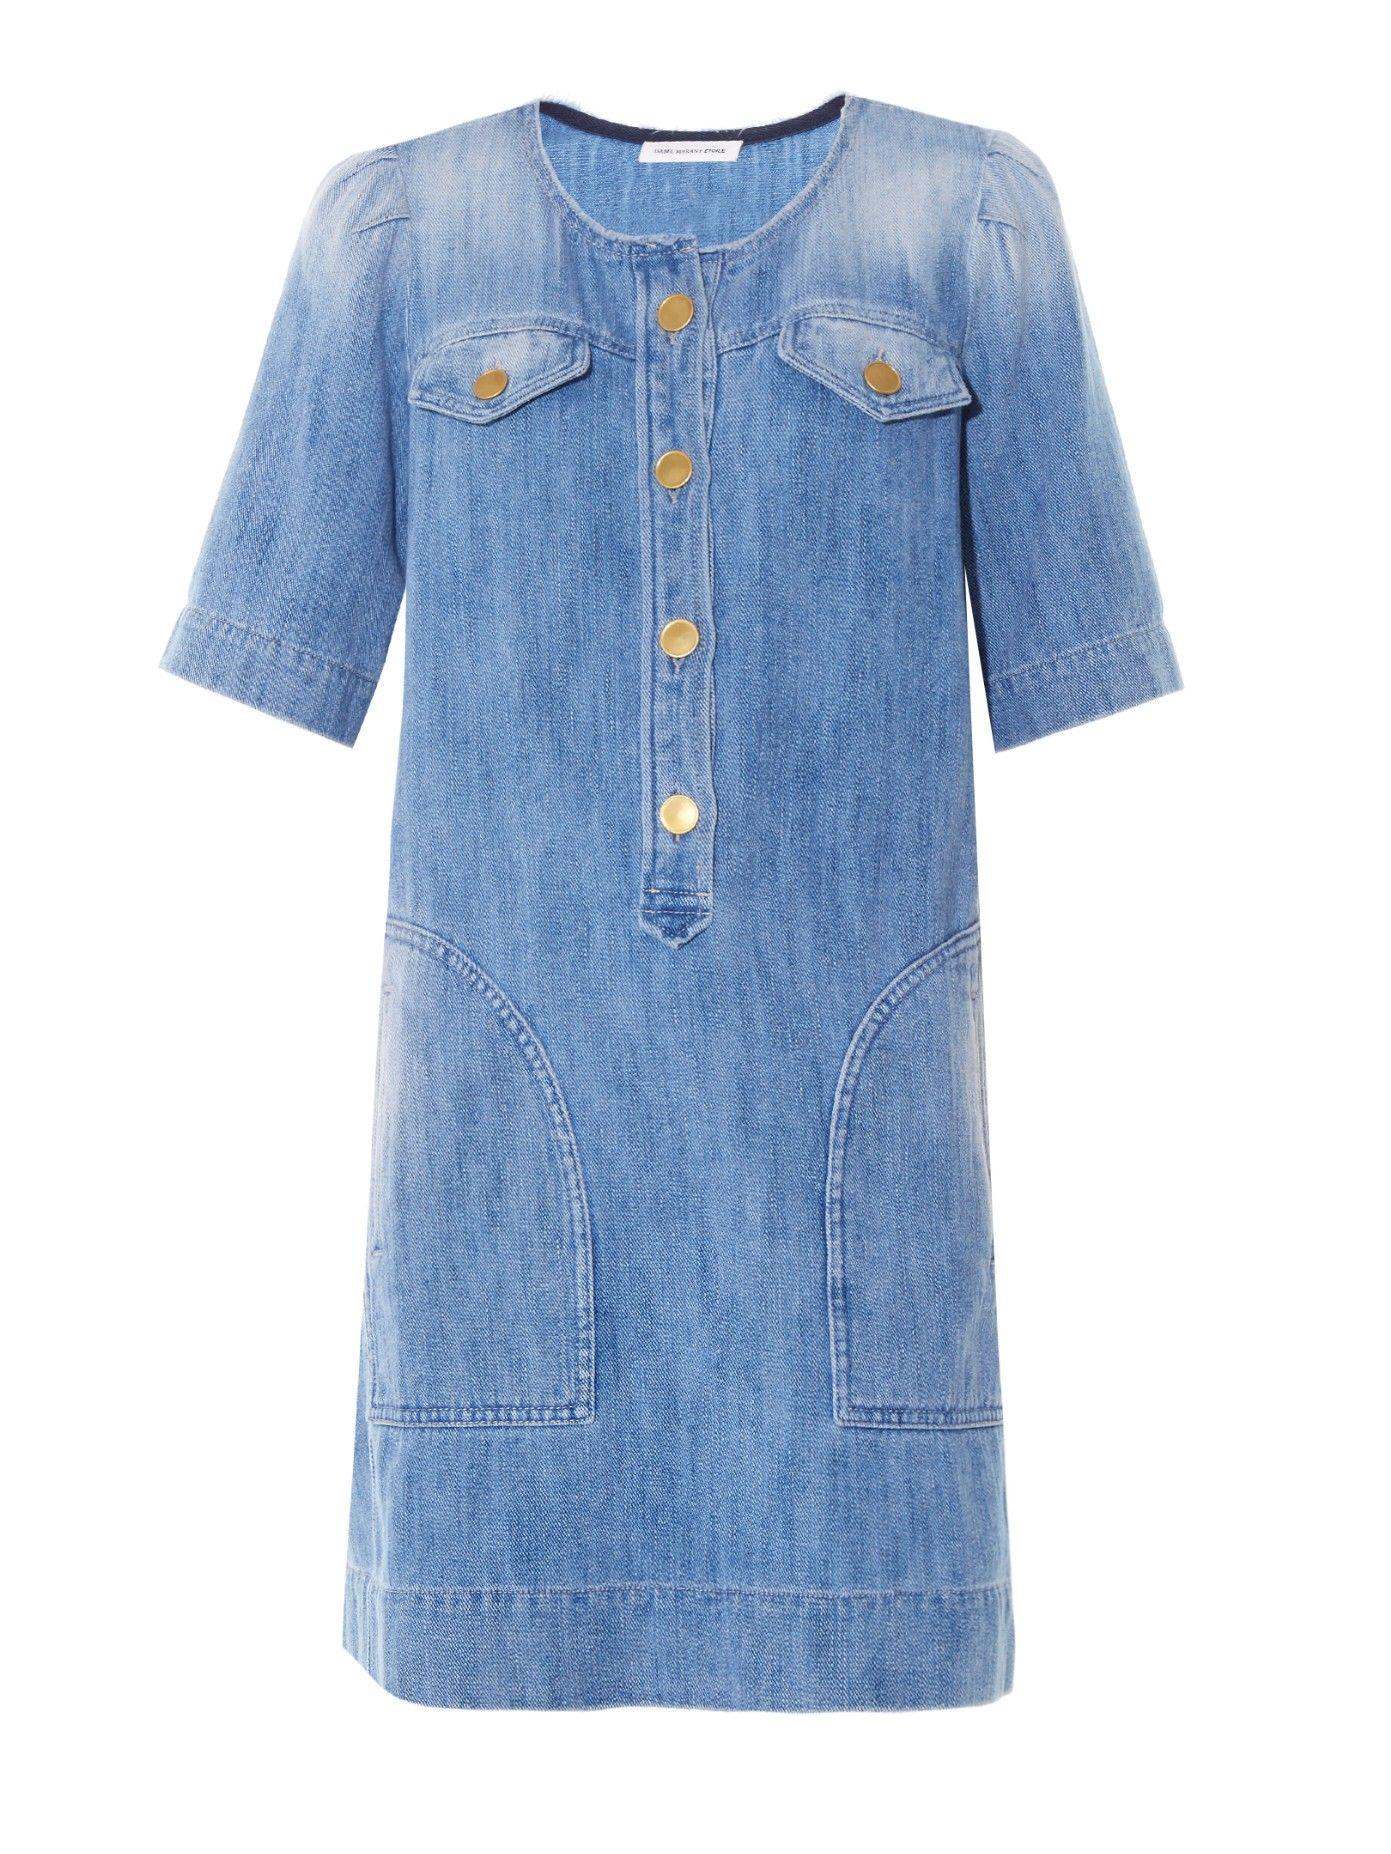 897e55eae3 Oriane short-sleeved denim dress